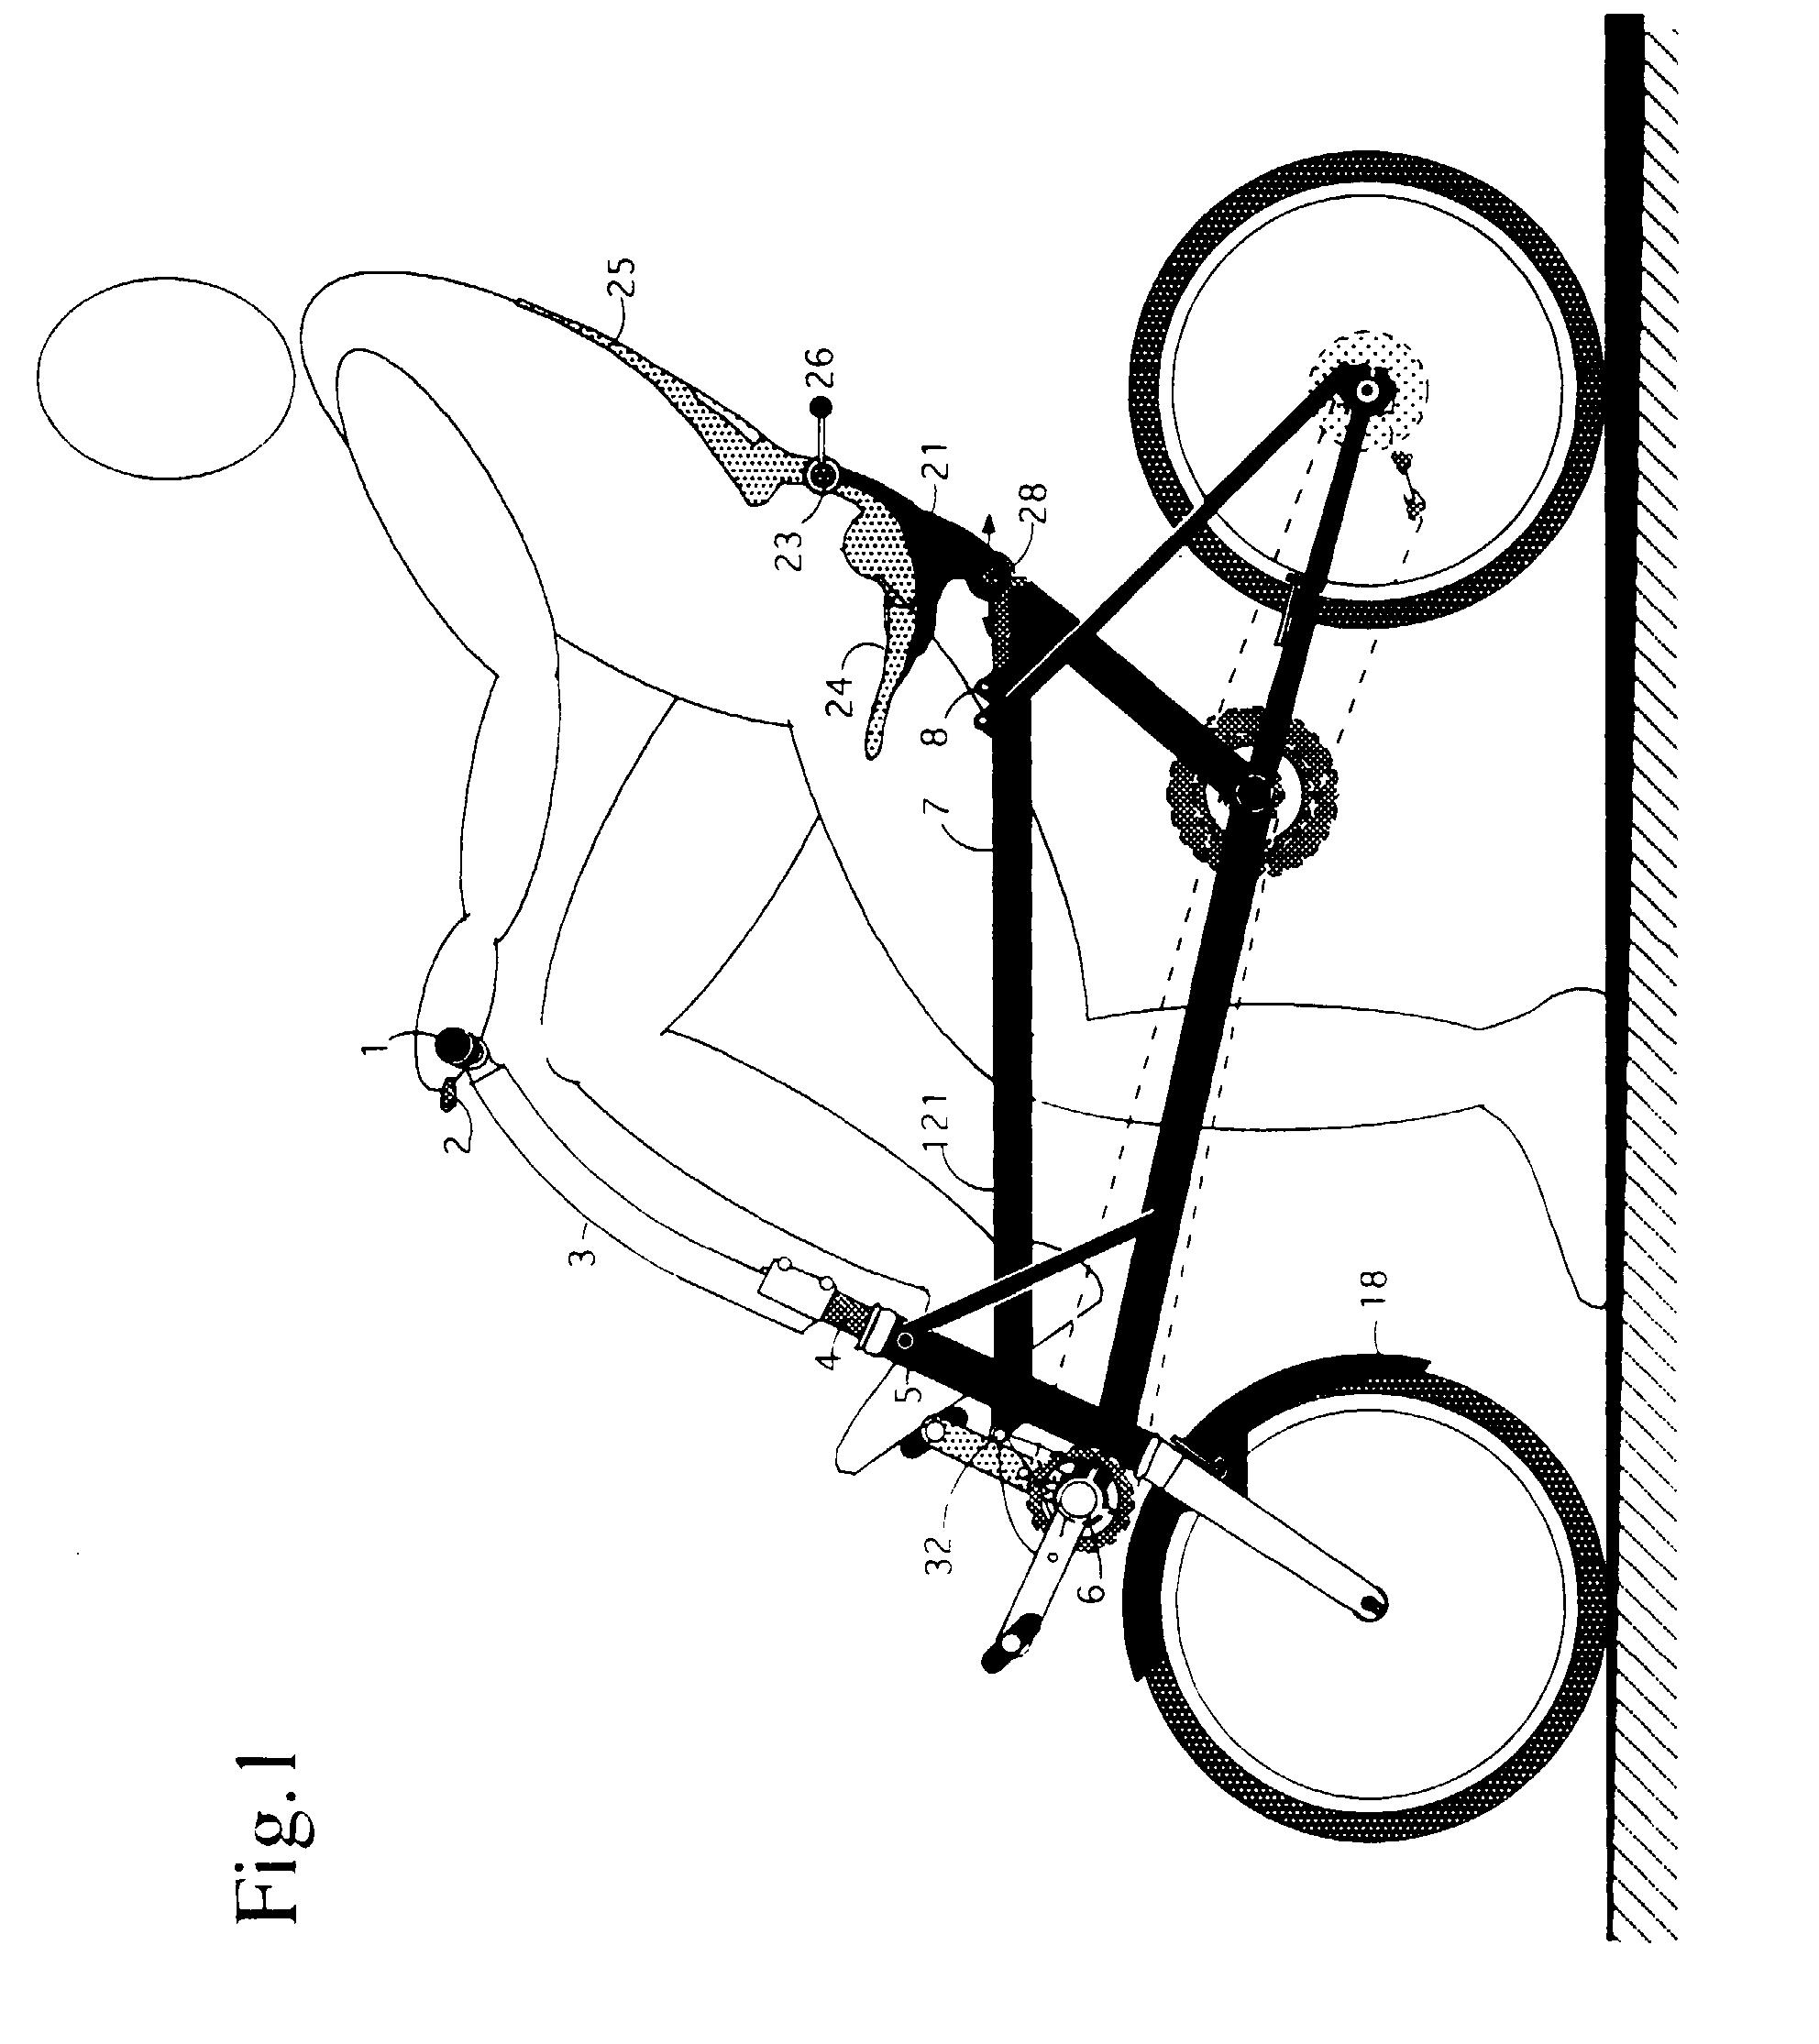 Davidson Fairing Diagram Free Download Wiring Schematic